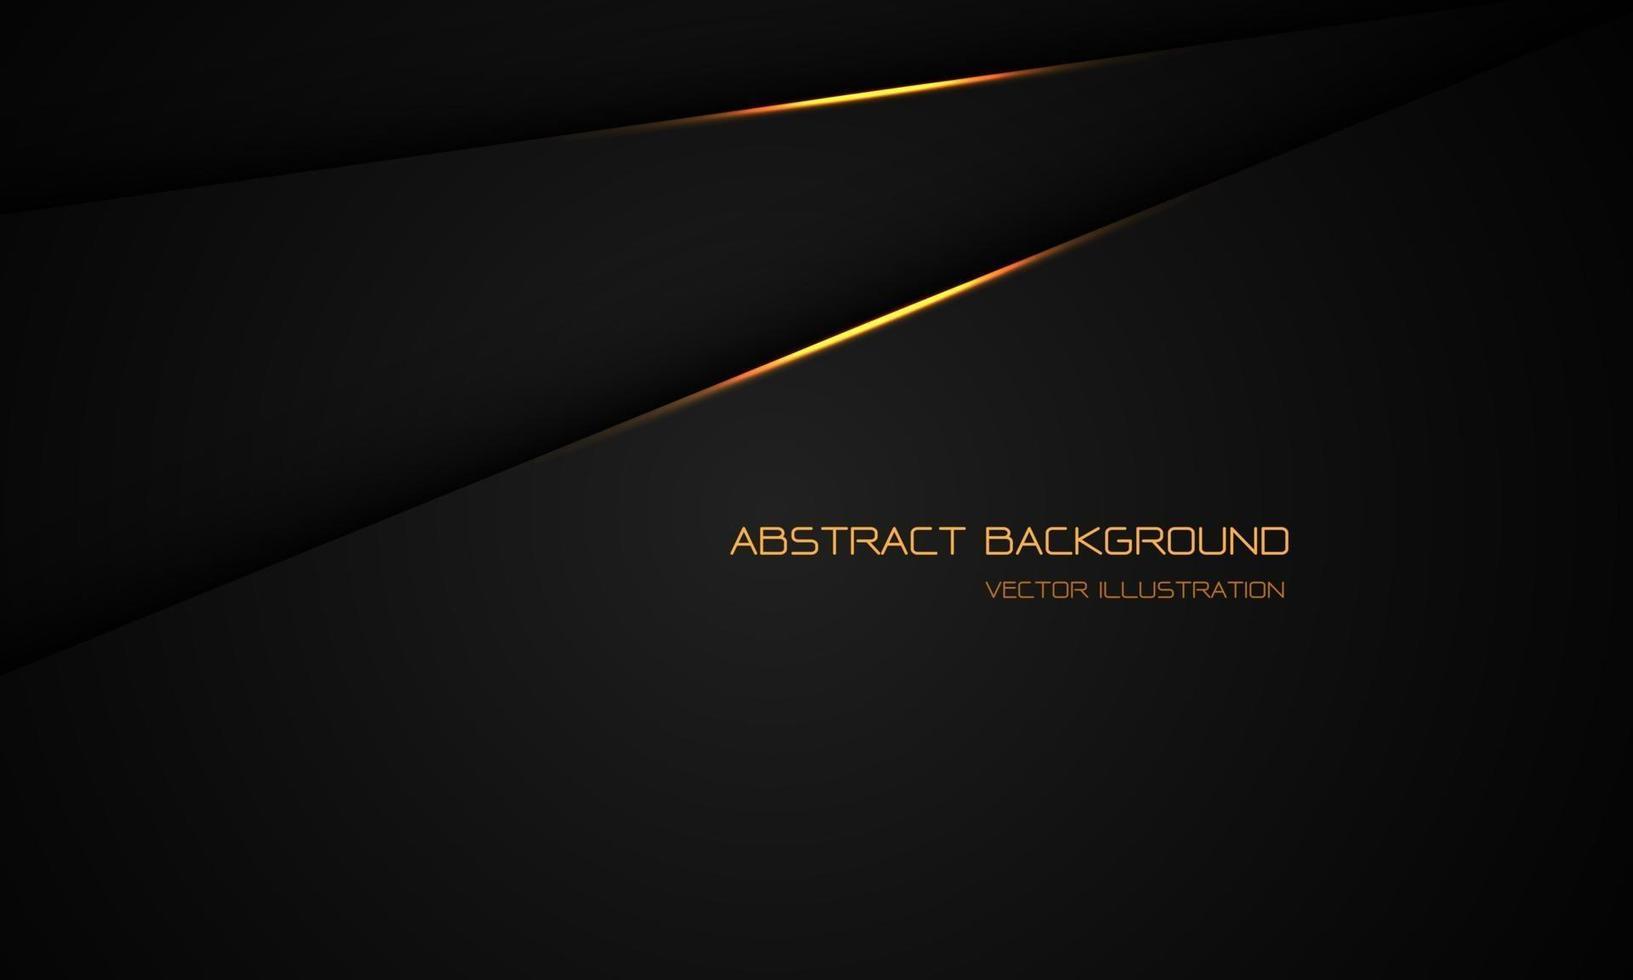 abstract goud licht op zwarte metalen schaduw overlapping met lege ruimte ontwerp moderne futuristische achtergrond vectorillustratie. vector